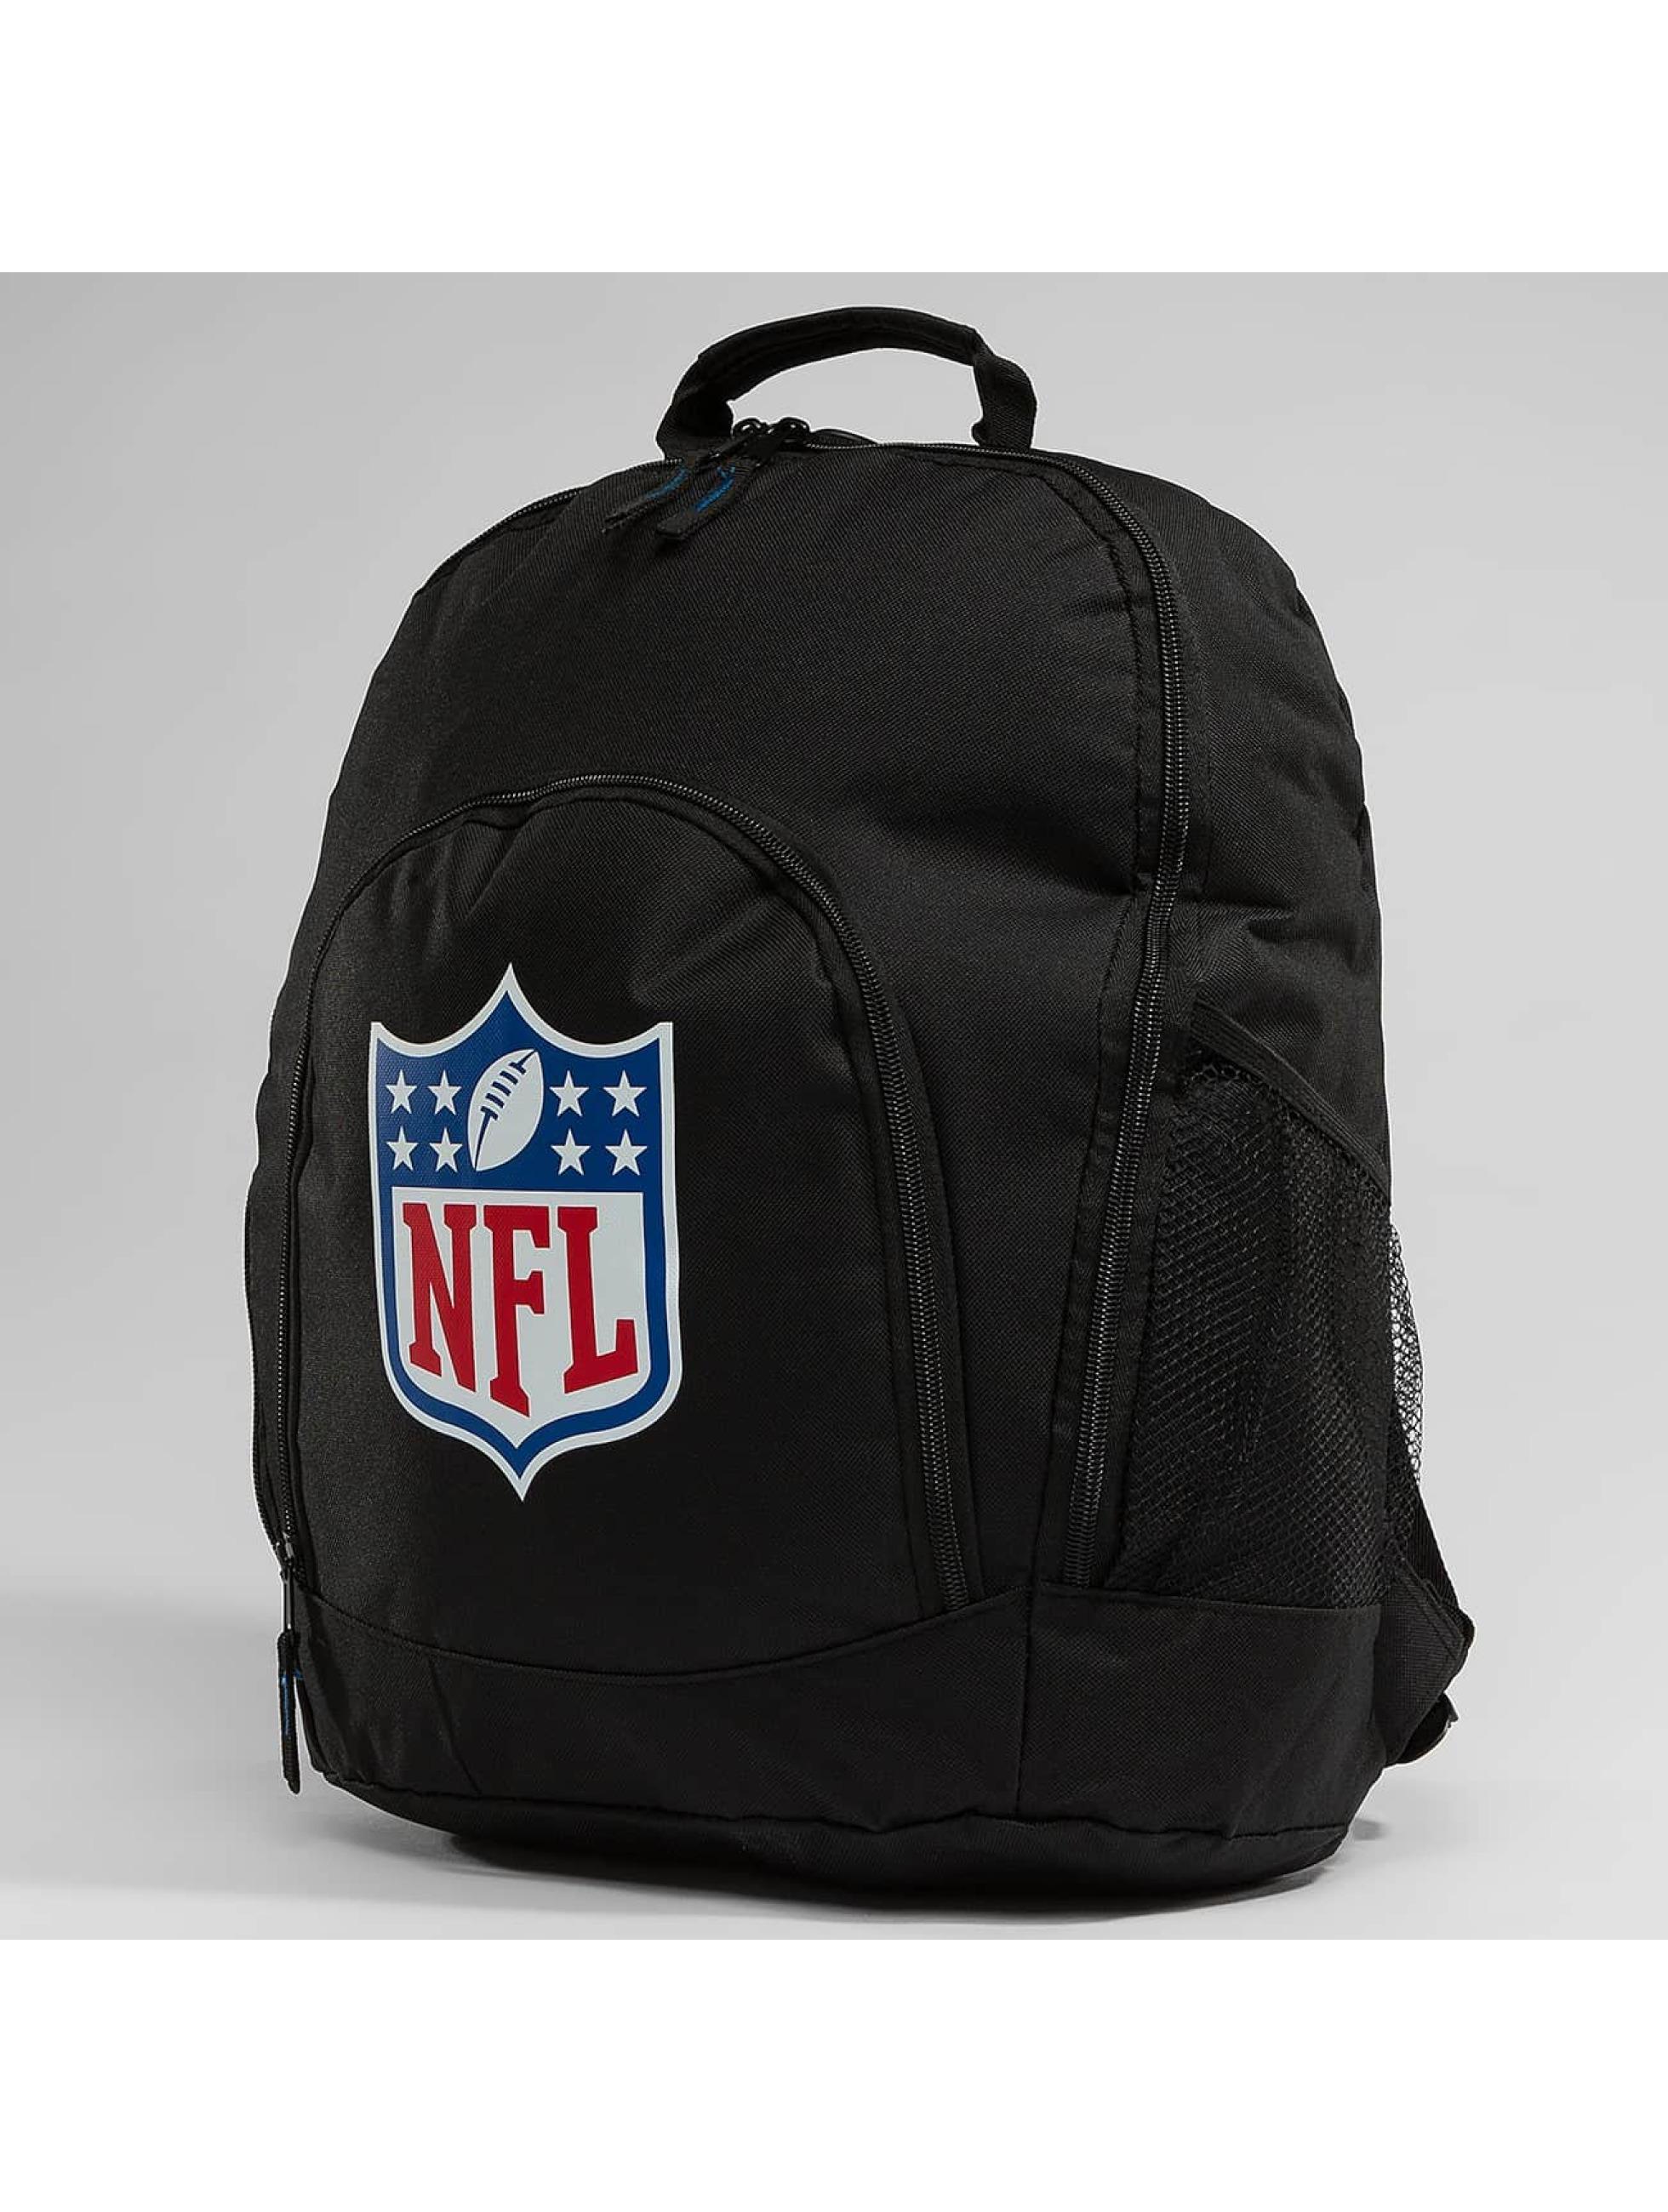 Forever Collectibles Backpack NFL Logo black